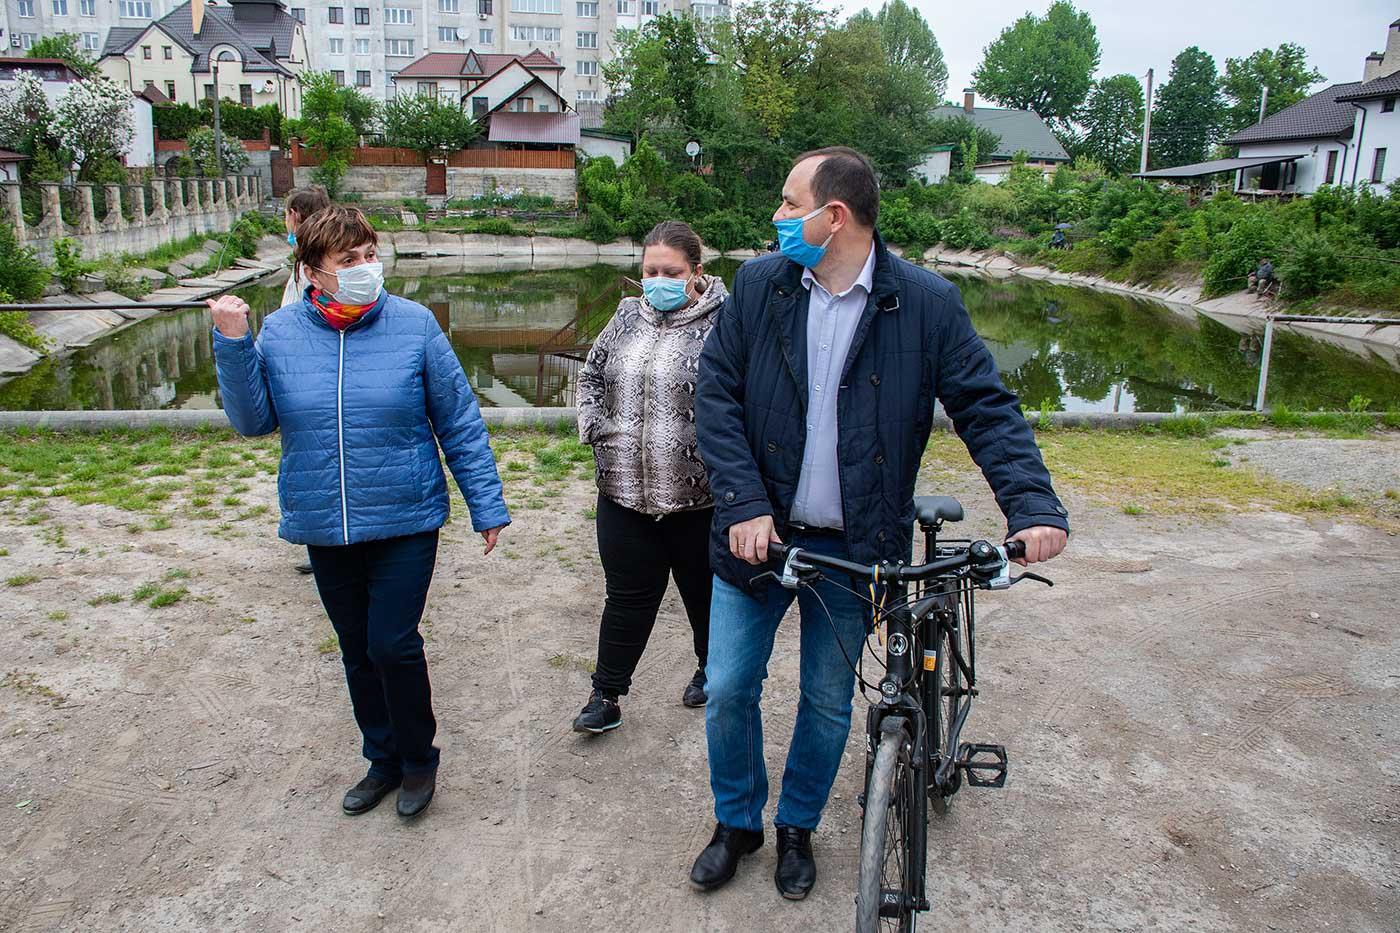 Чиновники на велосипедах перевірили шість франківських вулиць (ФОТО)